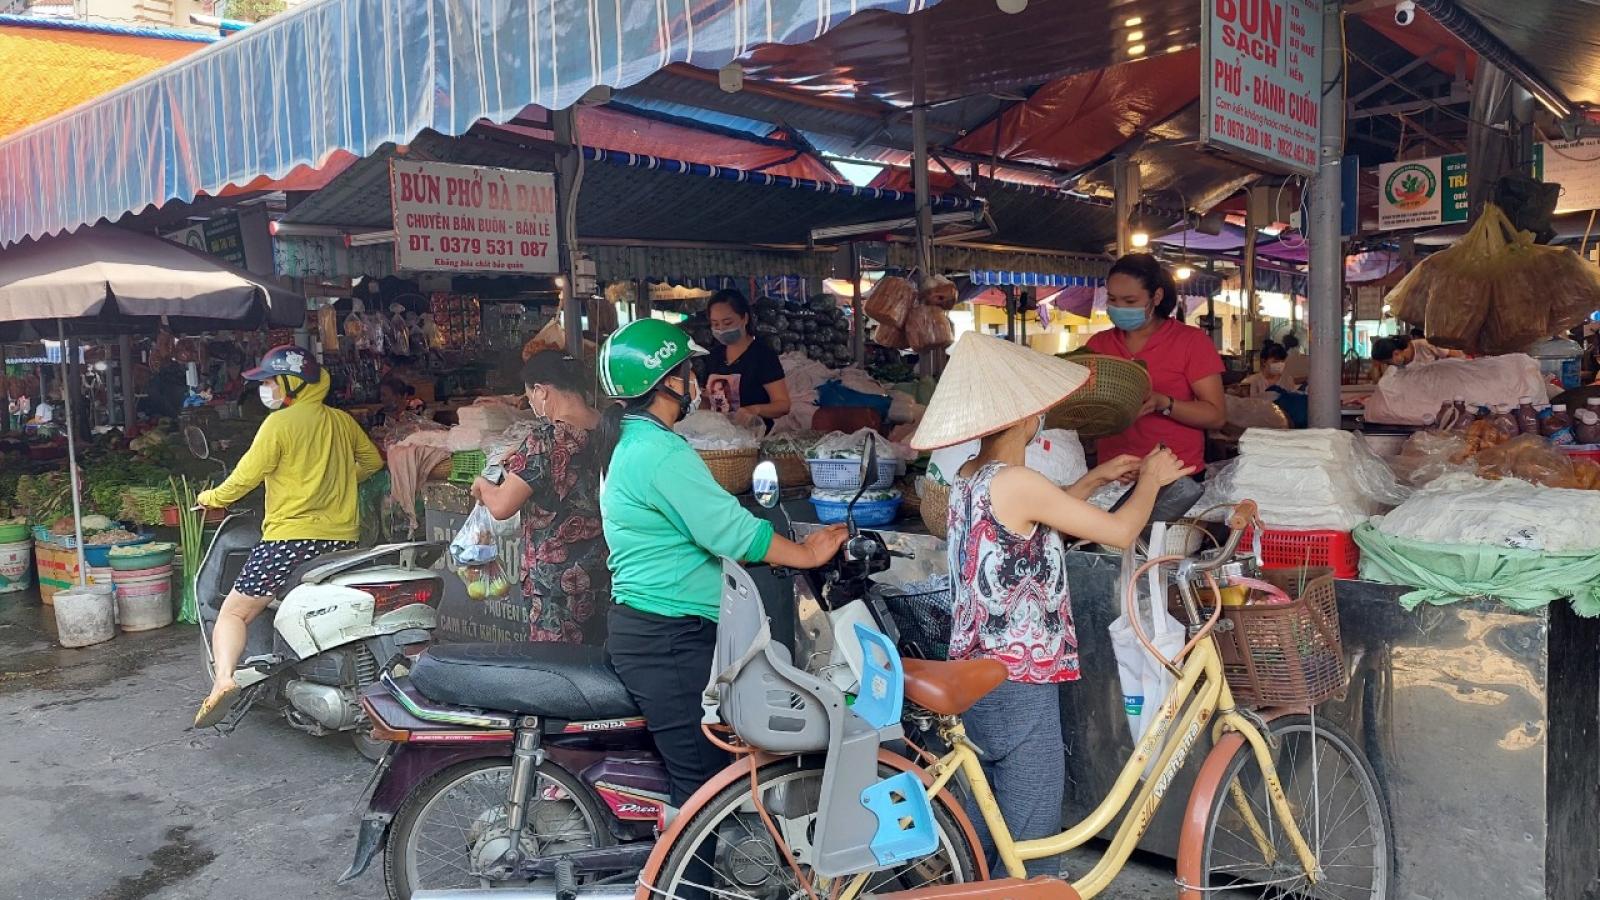 Hà Nội ngày đầu siết chặt chống dịch Covid-19: Chợ dân sinh đông đúc, siêu thị thưa người